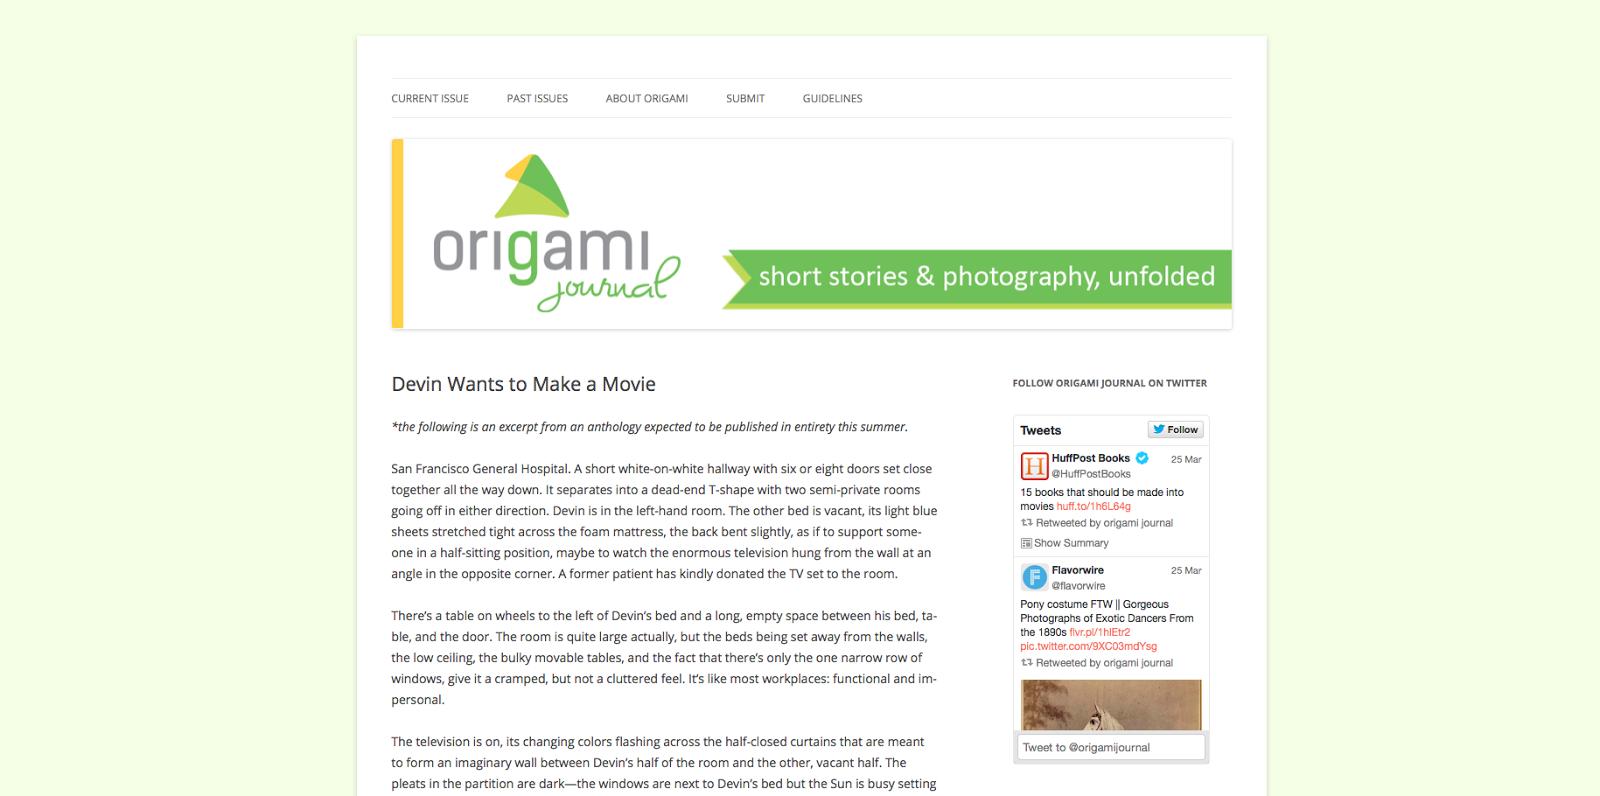 http://origamijournal.com/leefoust/